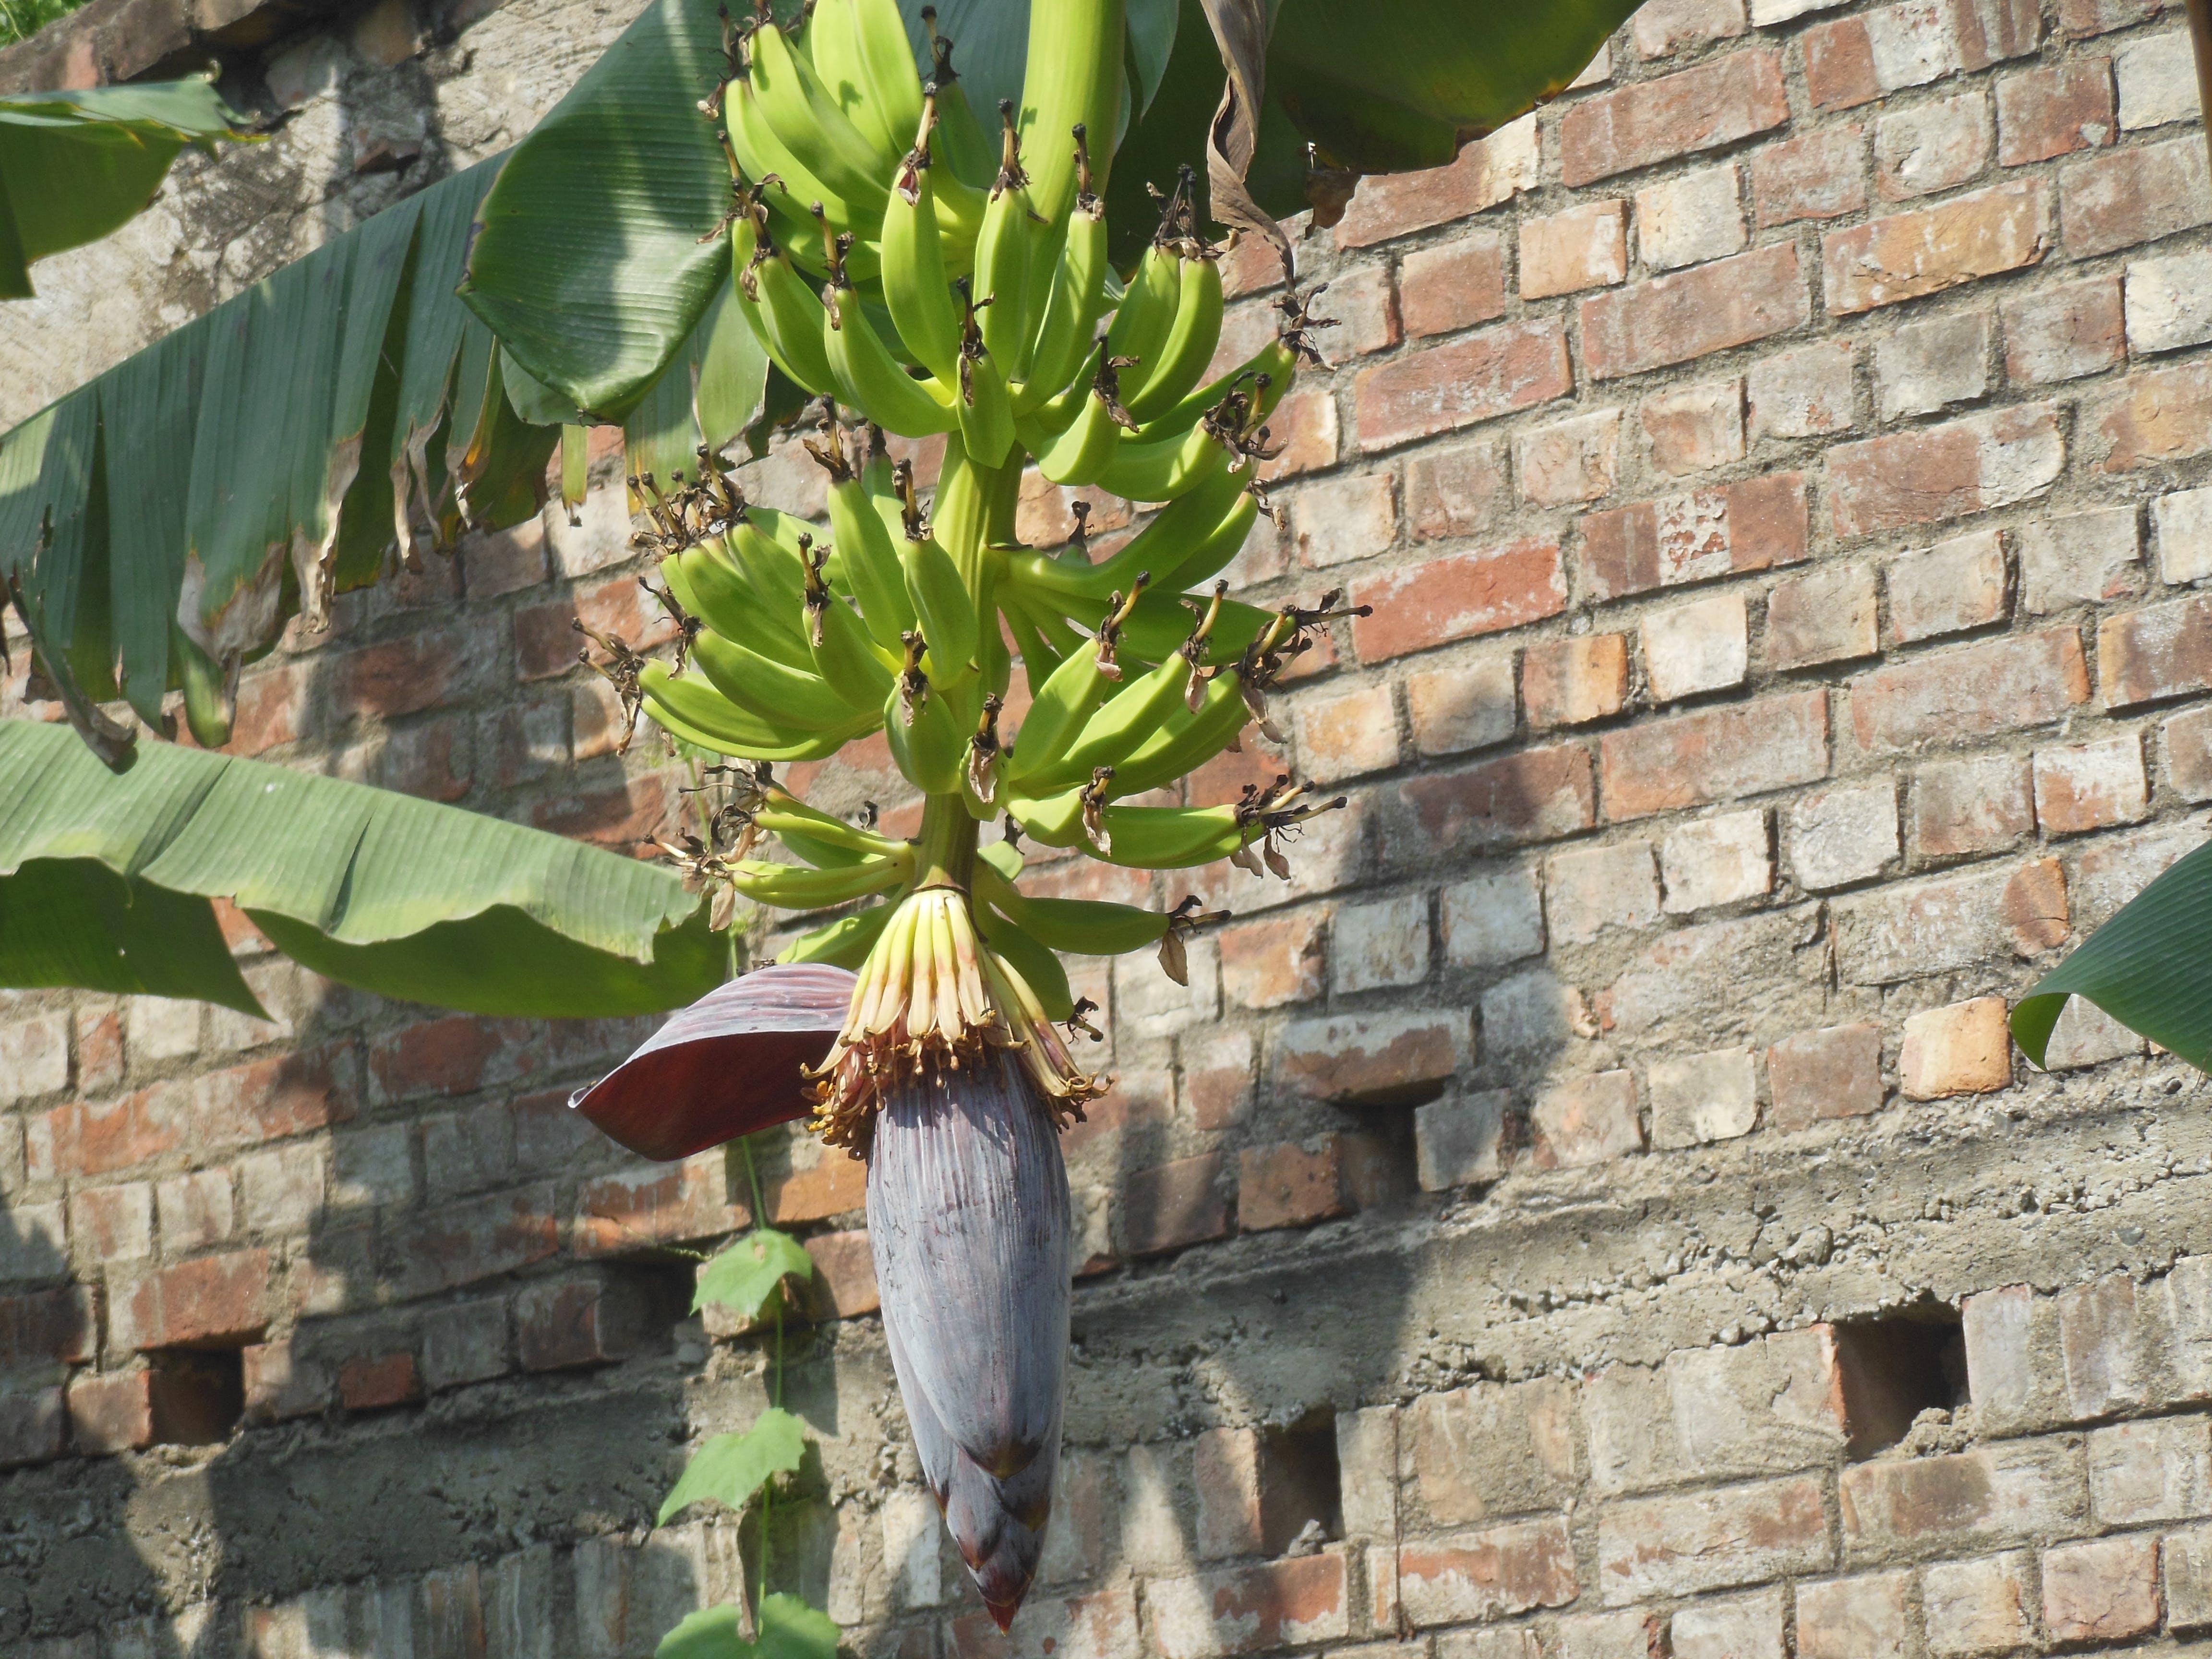 Gratis lagerfoto af grønne bananer